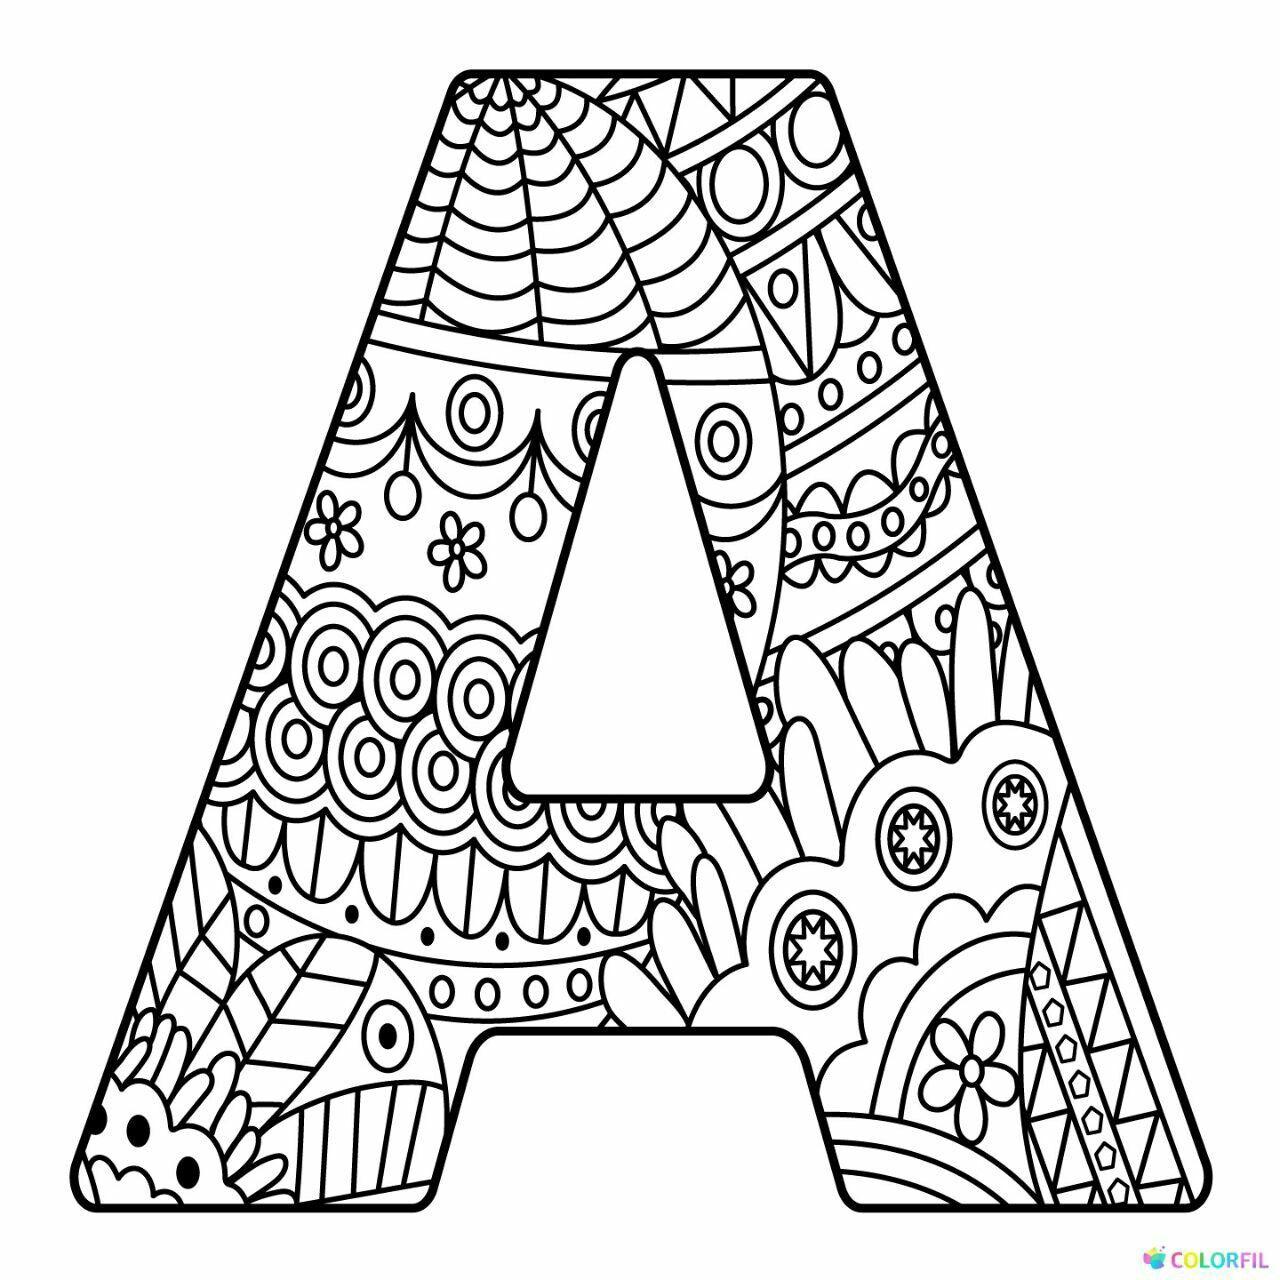 Arte/Colores/Cosas lindas ⚜️ in 9  Alphabet malvorlagen